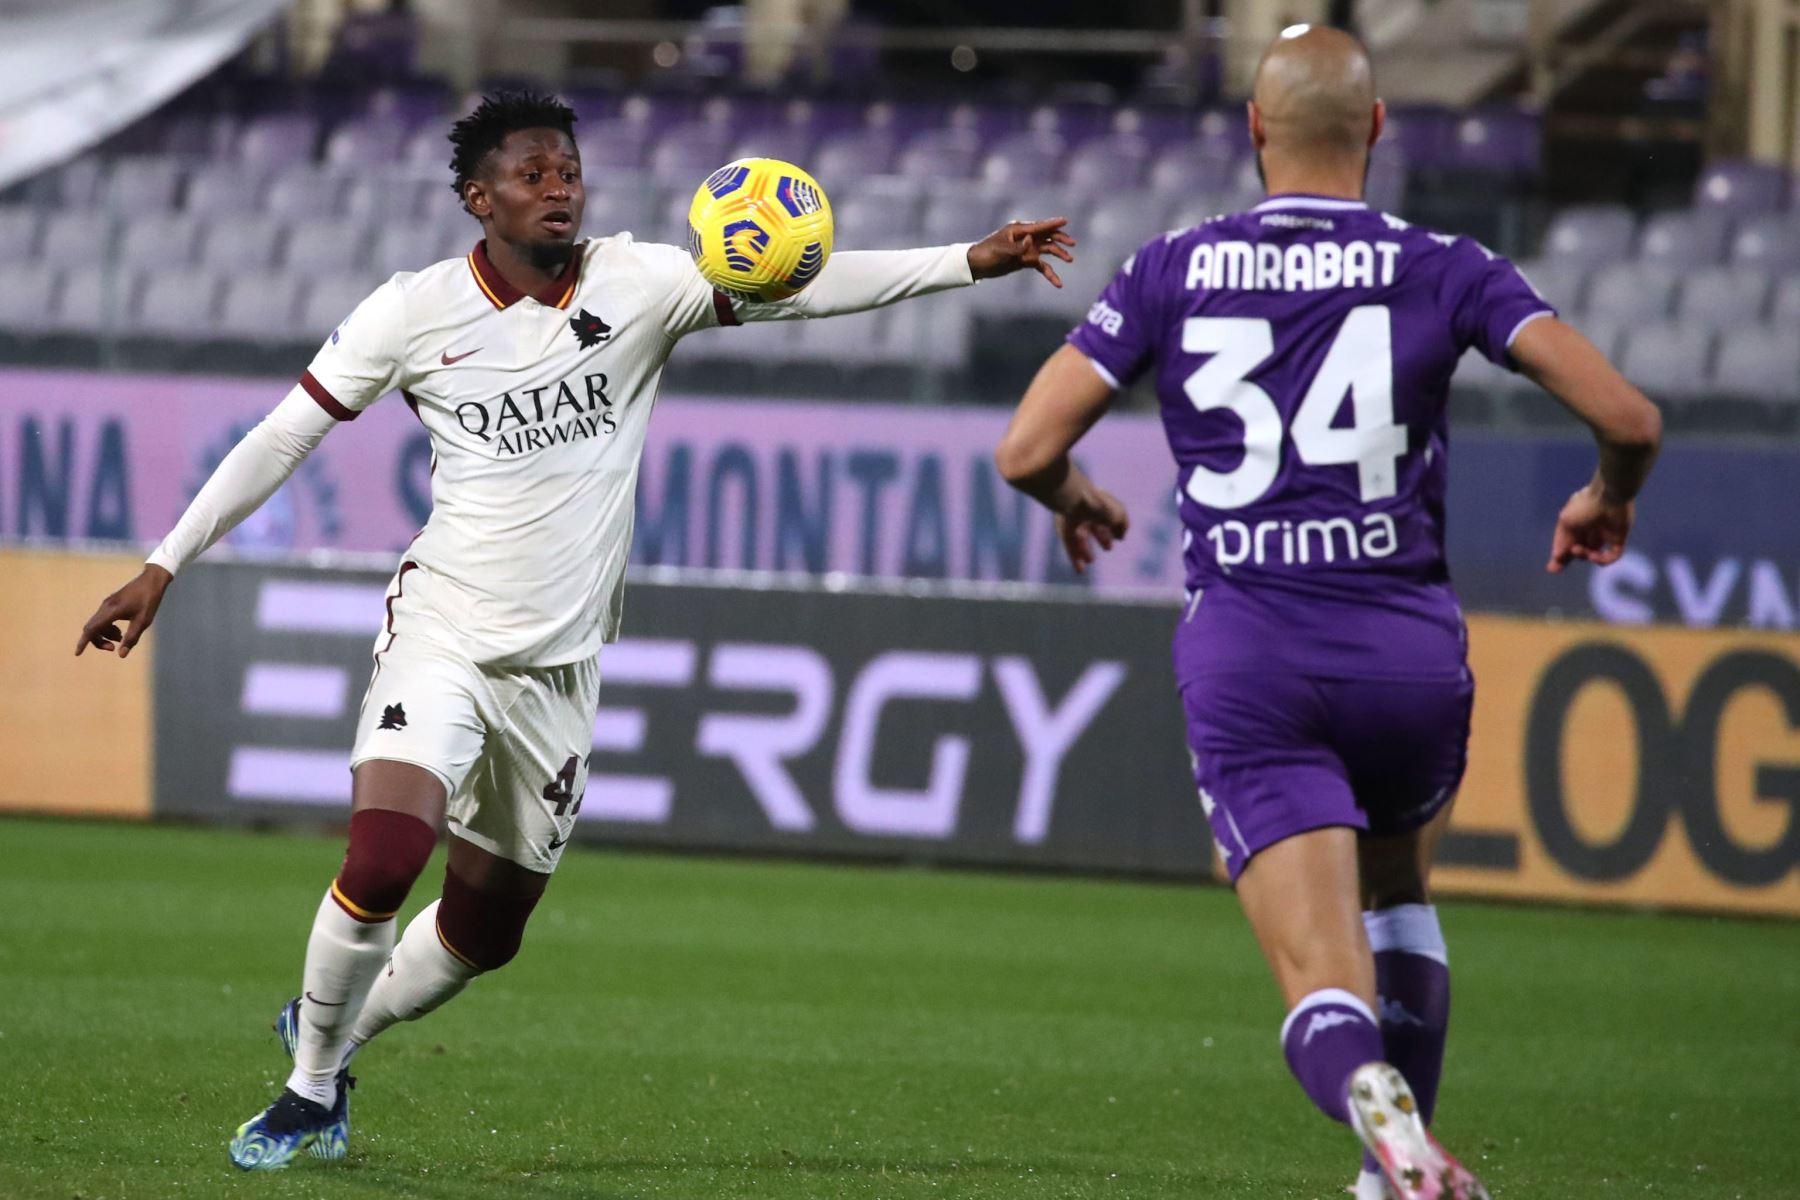 El centrocampista de la Roma Amadou Diawara en acción durante el partido de fútbol de la Serie A. Foto: EFE